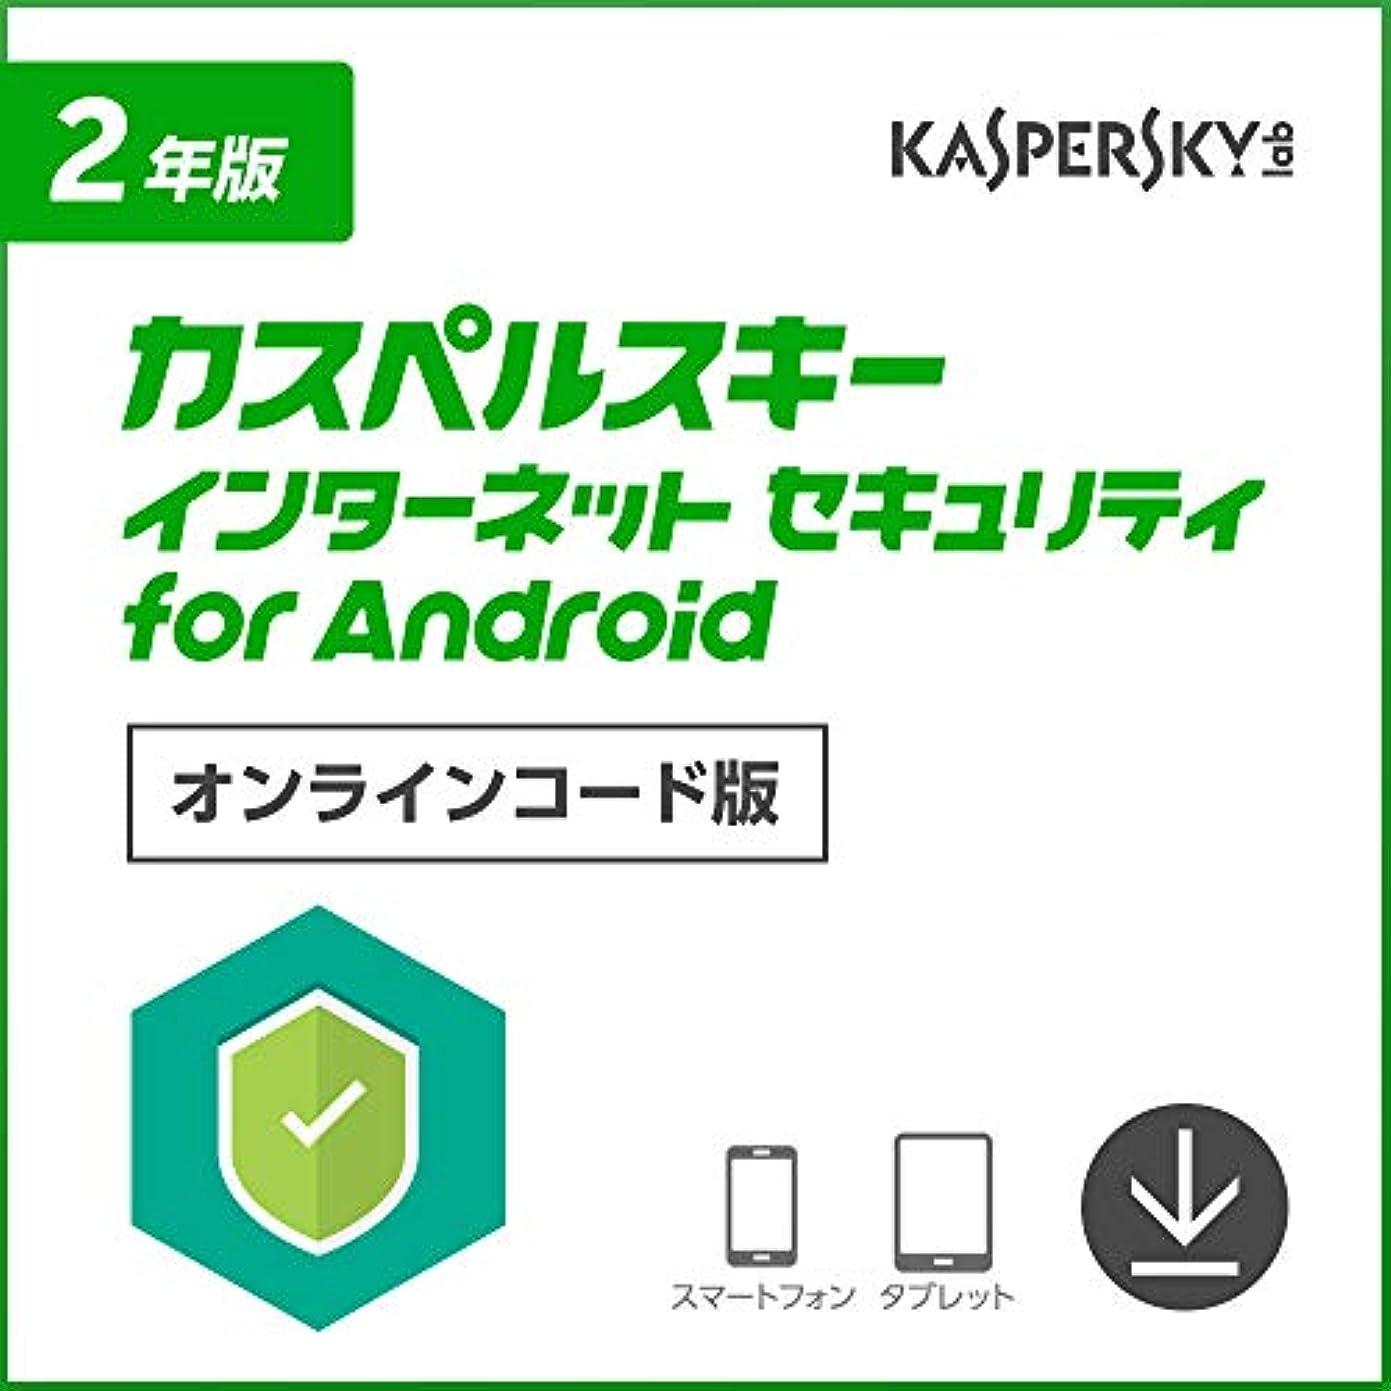 サーキットに行く撃退する経済的カスペルスキー インターネット セキュリティ for Android (最新版) | 2年1台版 | オンラインコード版 | Android対応